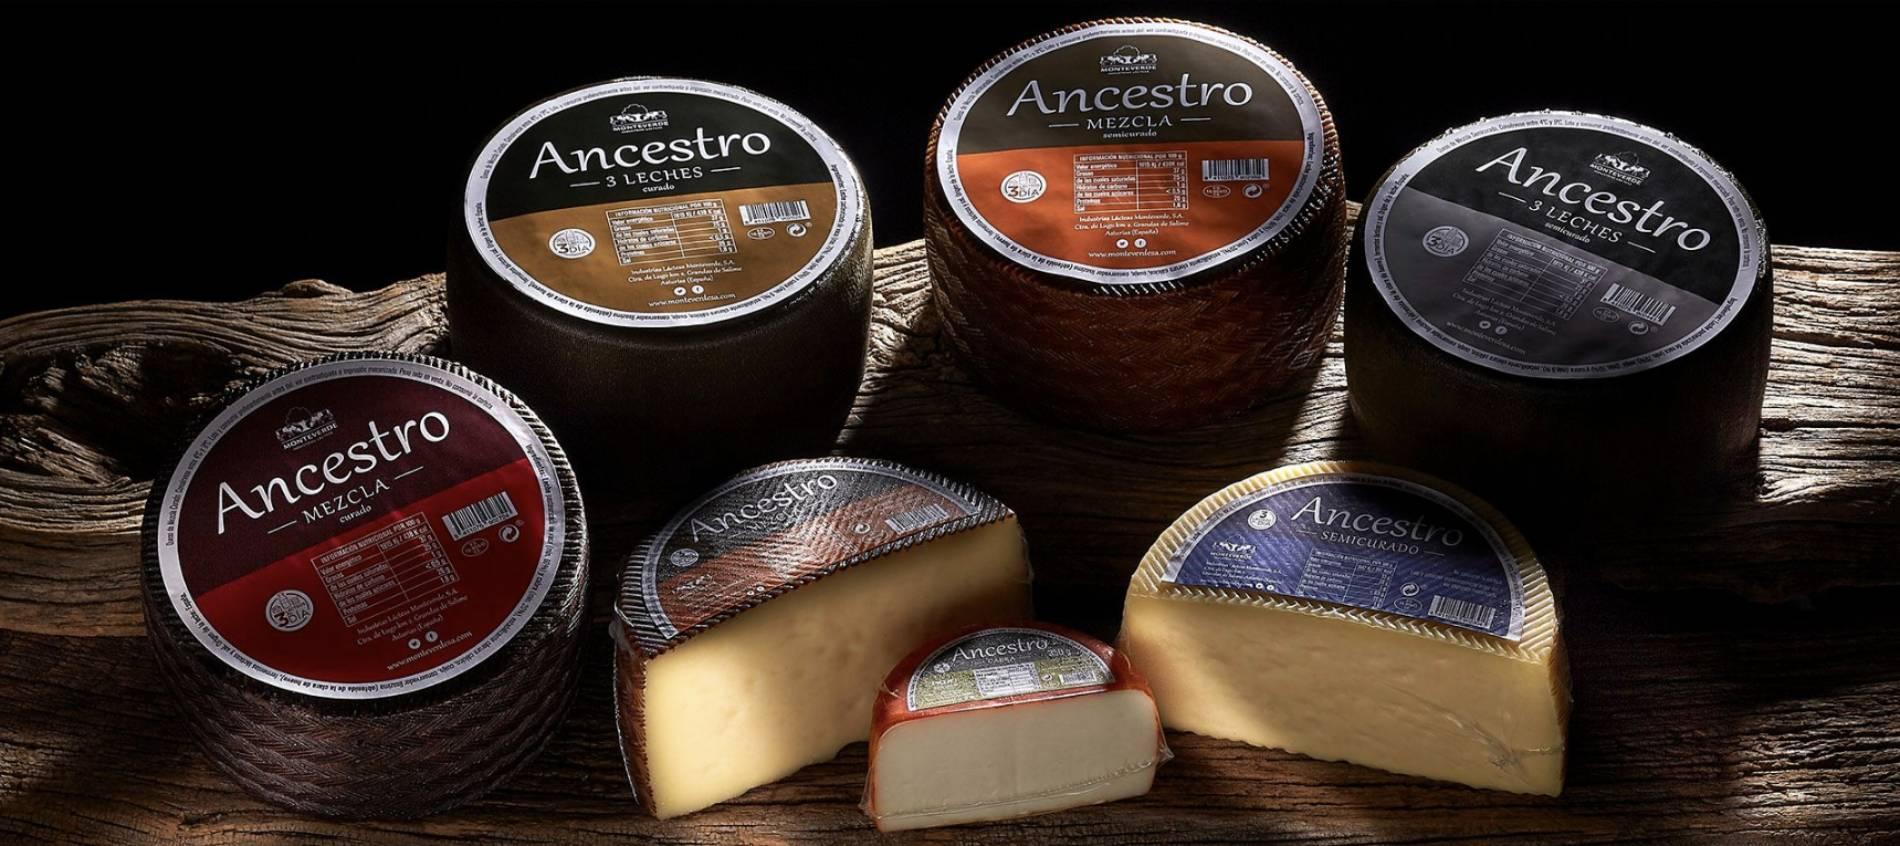 Bodegón de quesos Ancestro con el etiquetado del nuevo restyling de marca.